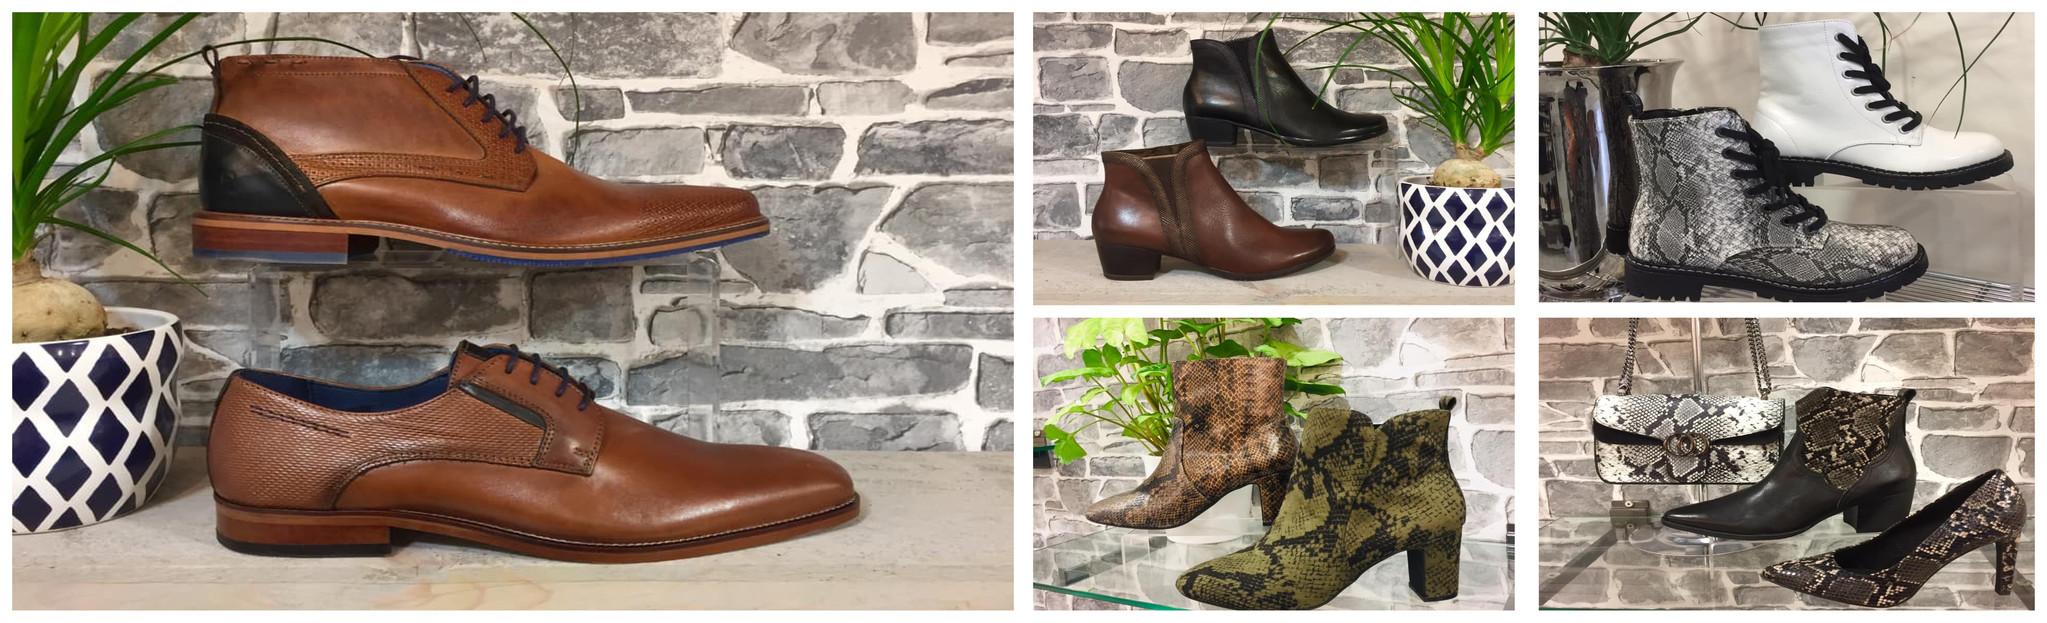 Quick shoes HoekscheWaardPas